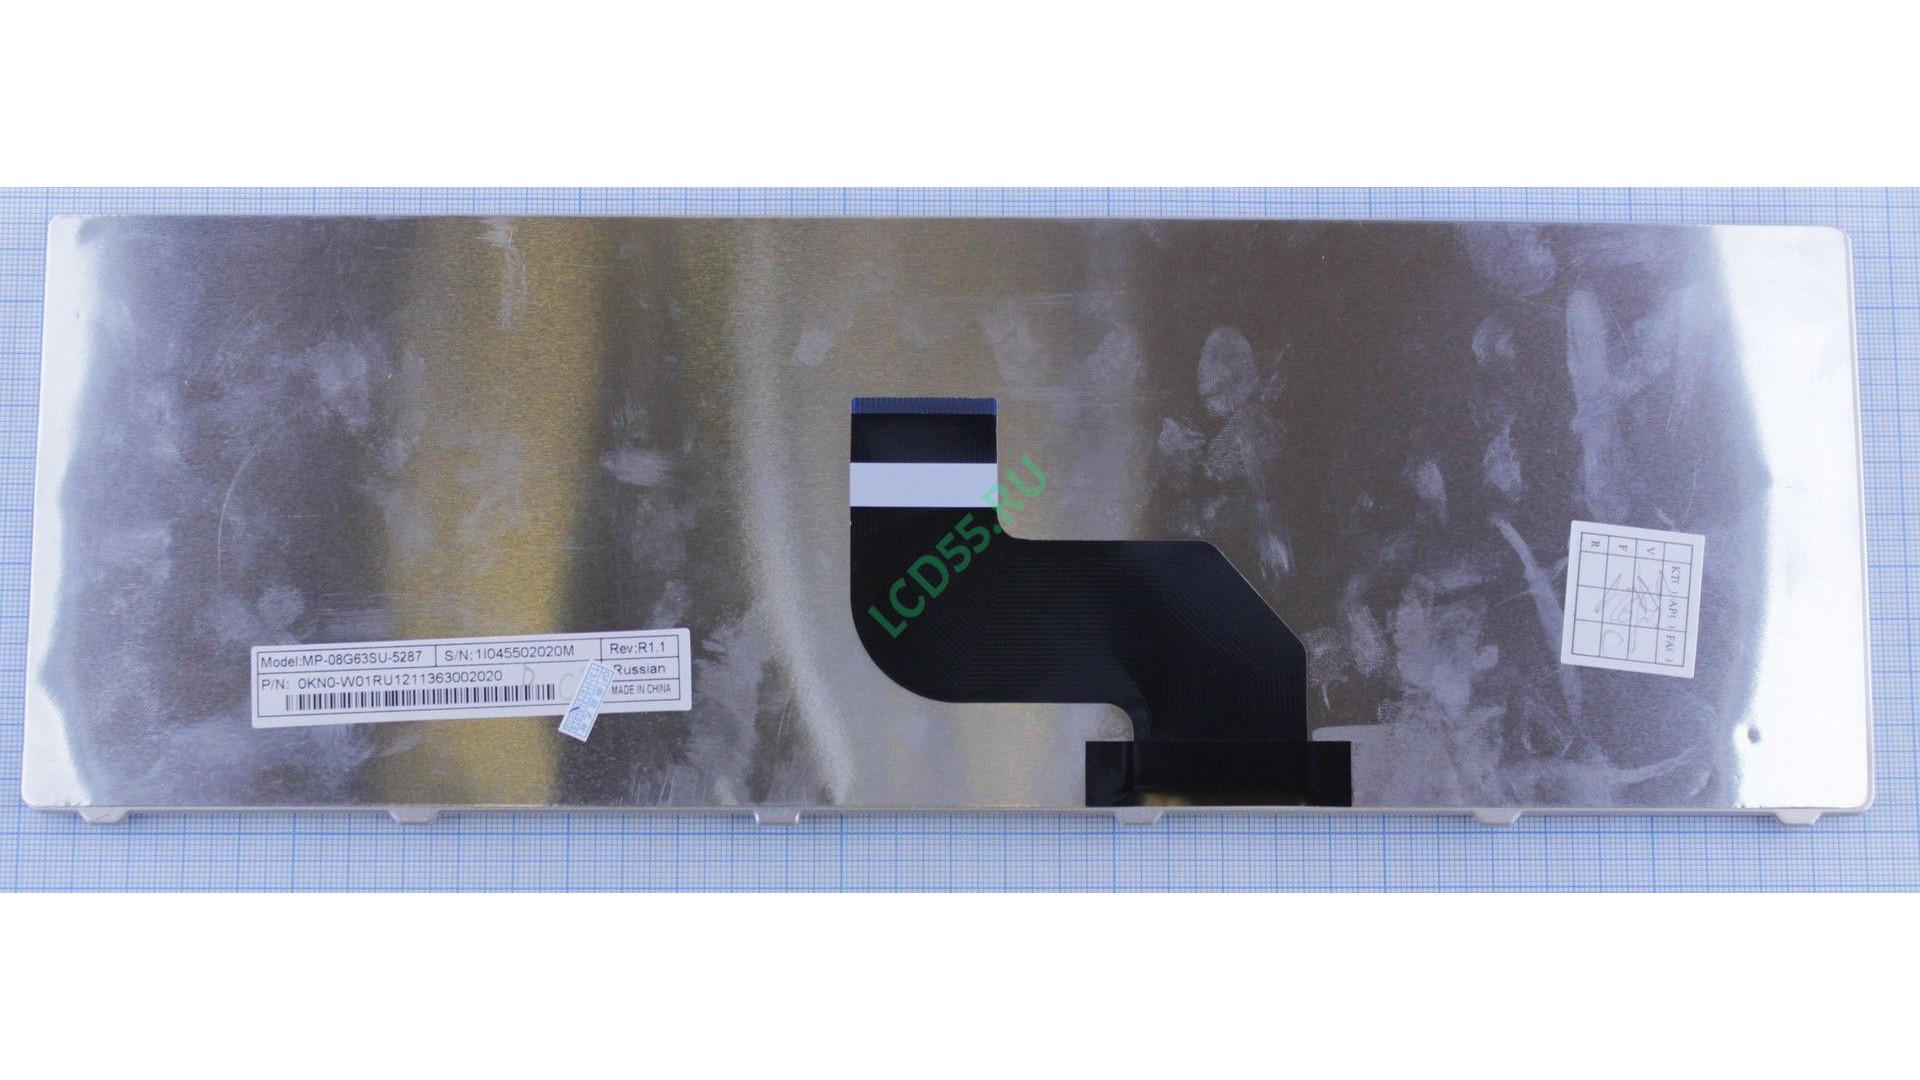 Клавиатура eMachines E630, E430, E525, E527, E625, E627, E628, E630, E725, E727, G430, G525, G625, G627, G630G, G725